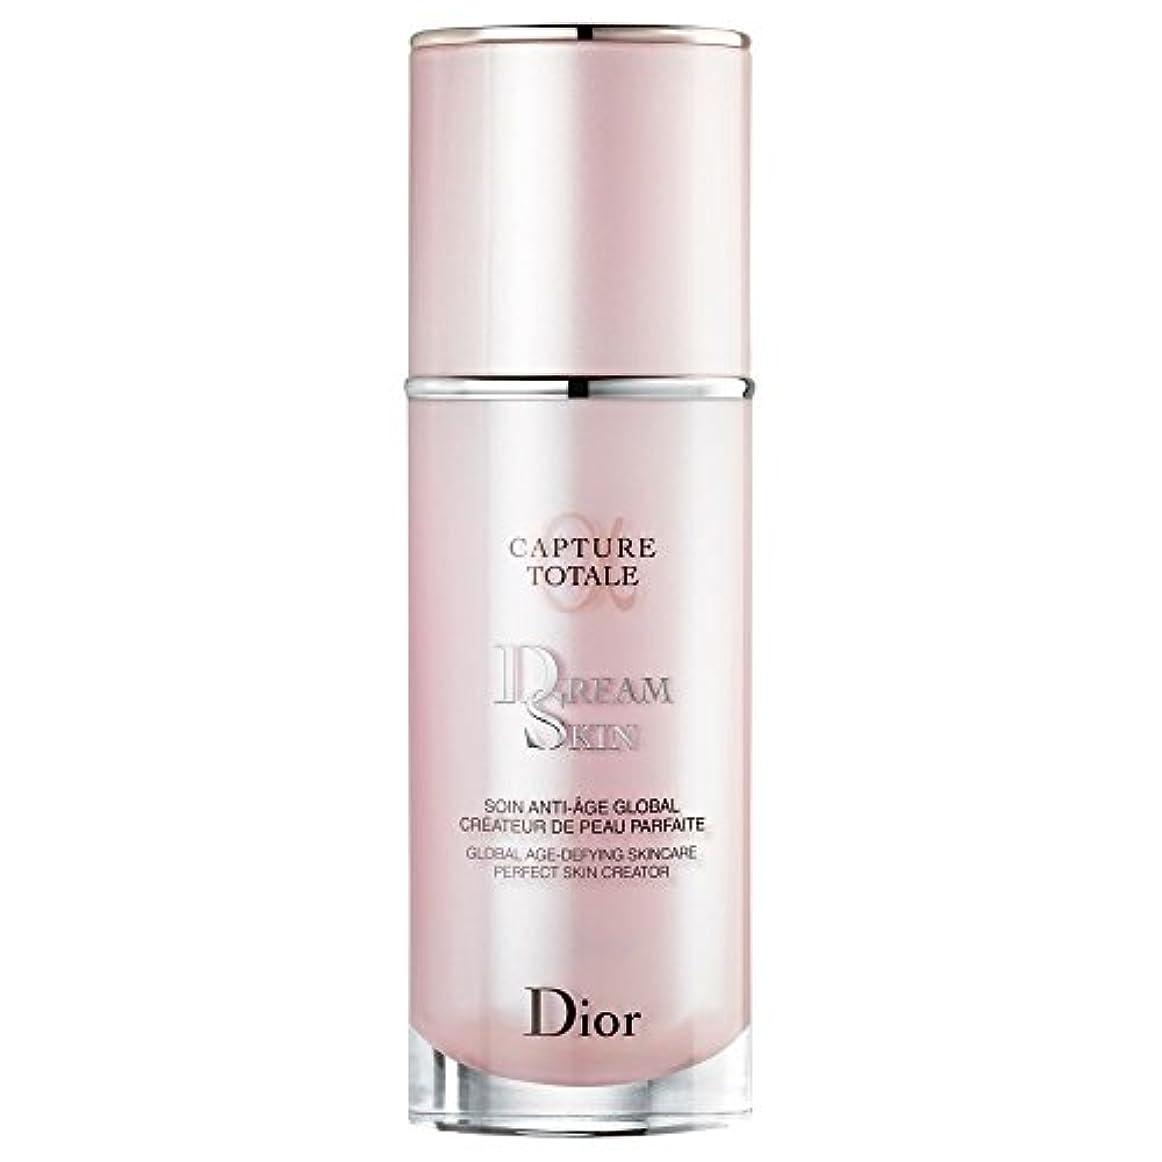 論争的酔った君主制[Dior] ディオールキャプチャカプチュールトータルDreamskin血清50ミリリットル - Dior Capture Totale Dreamskin Serum 50ml [並行輸入品]